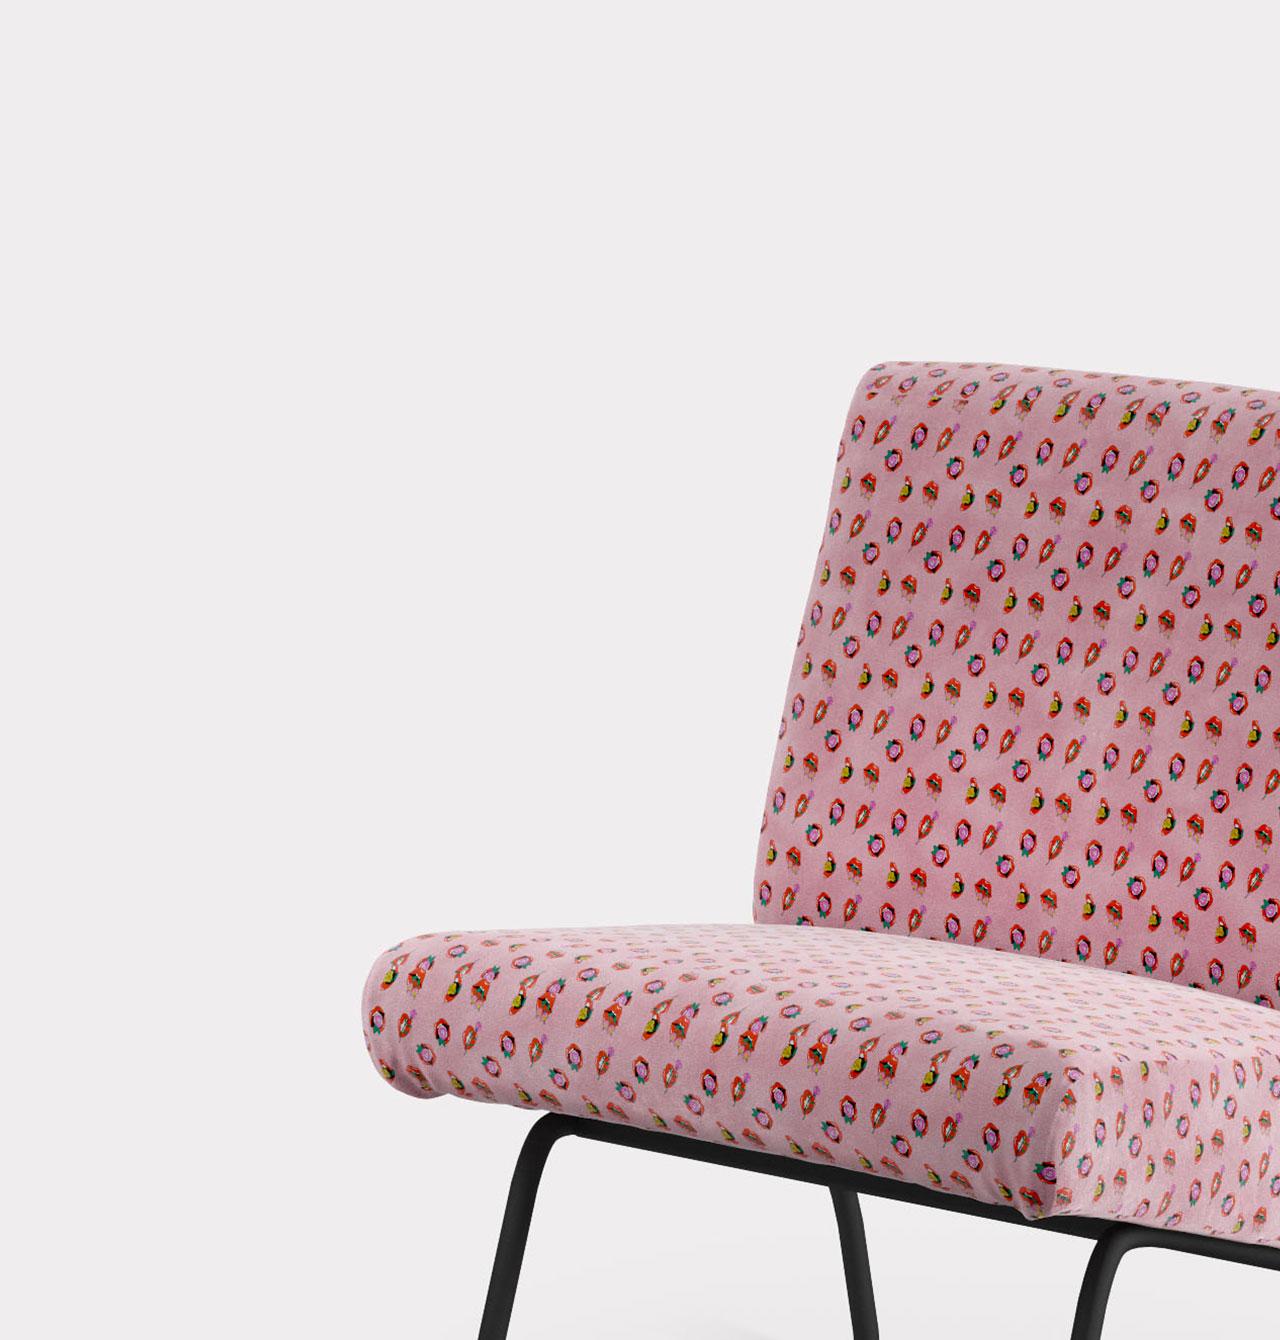 Forniture and living poltrona pattern bocche e fiori loopo milan design FS